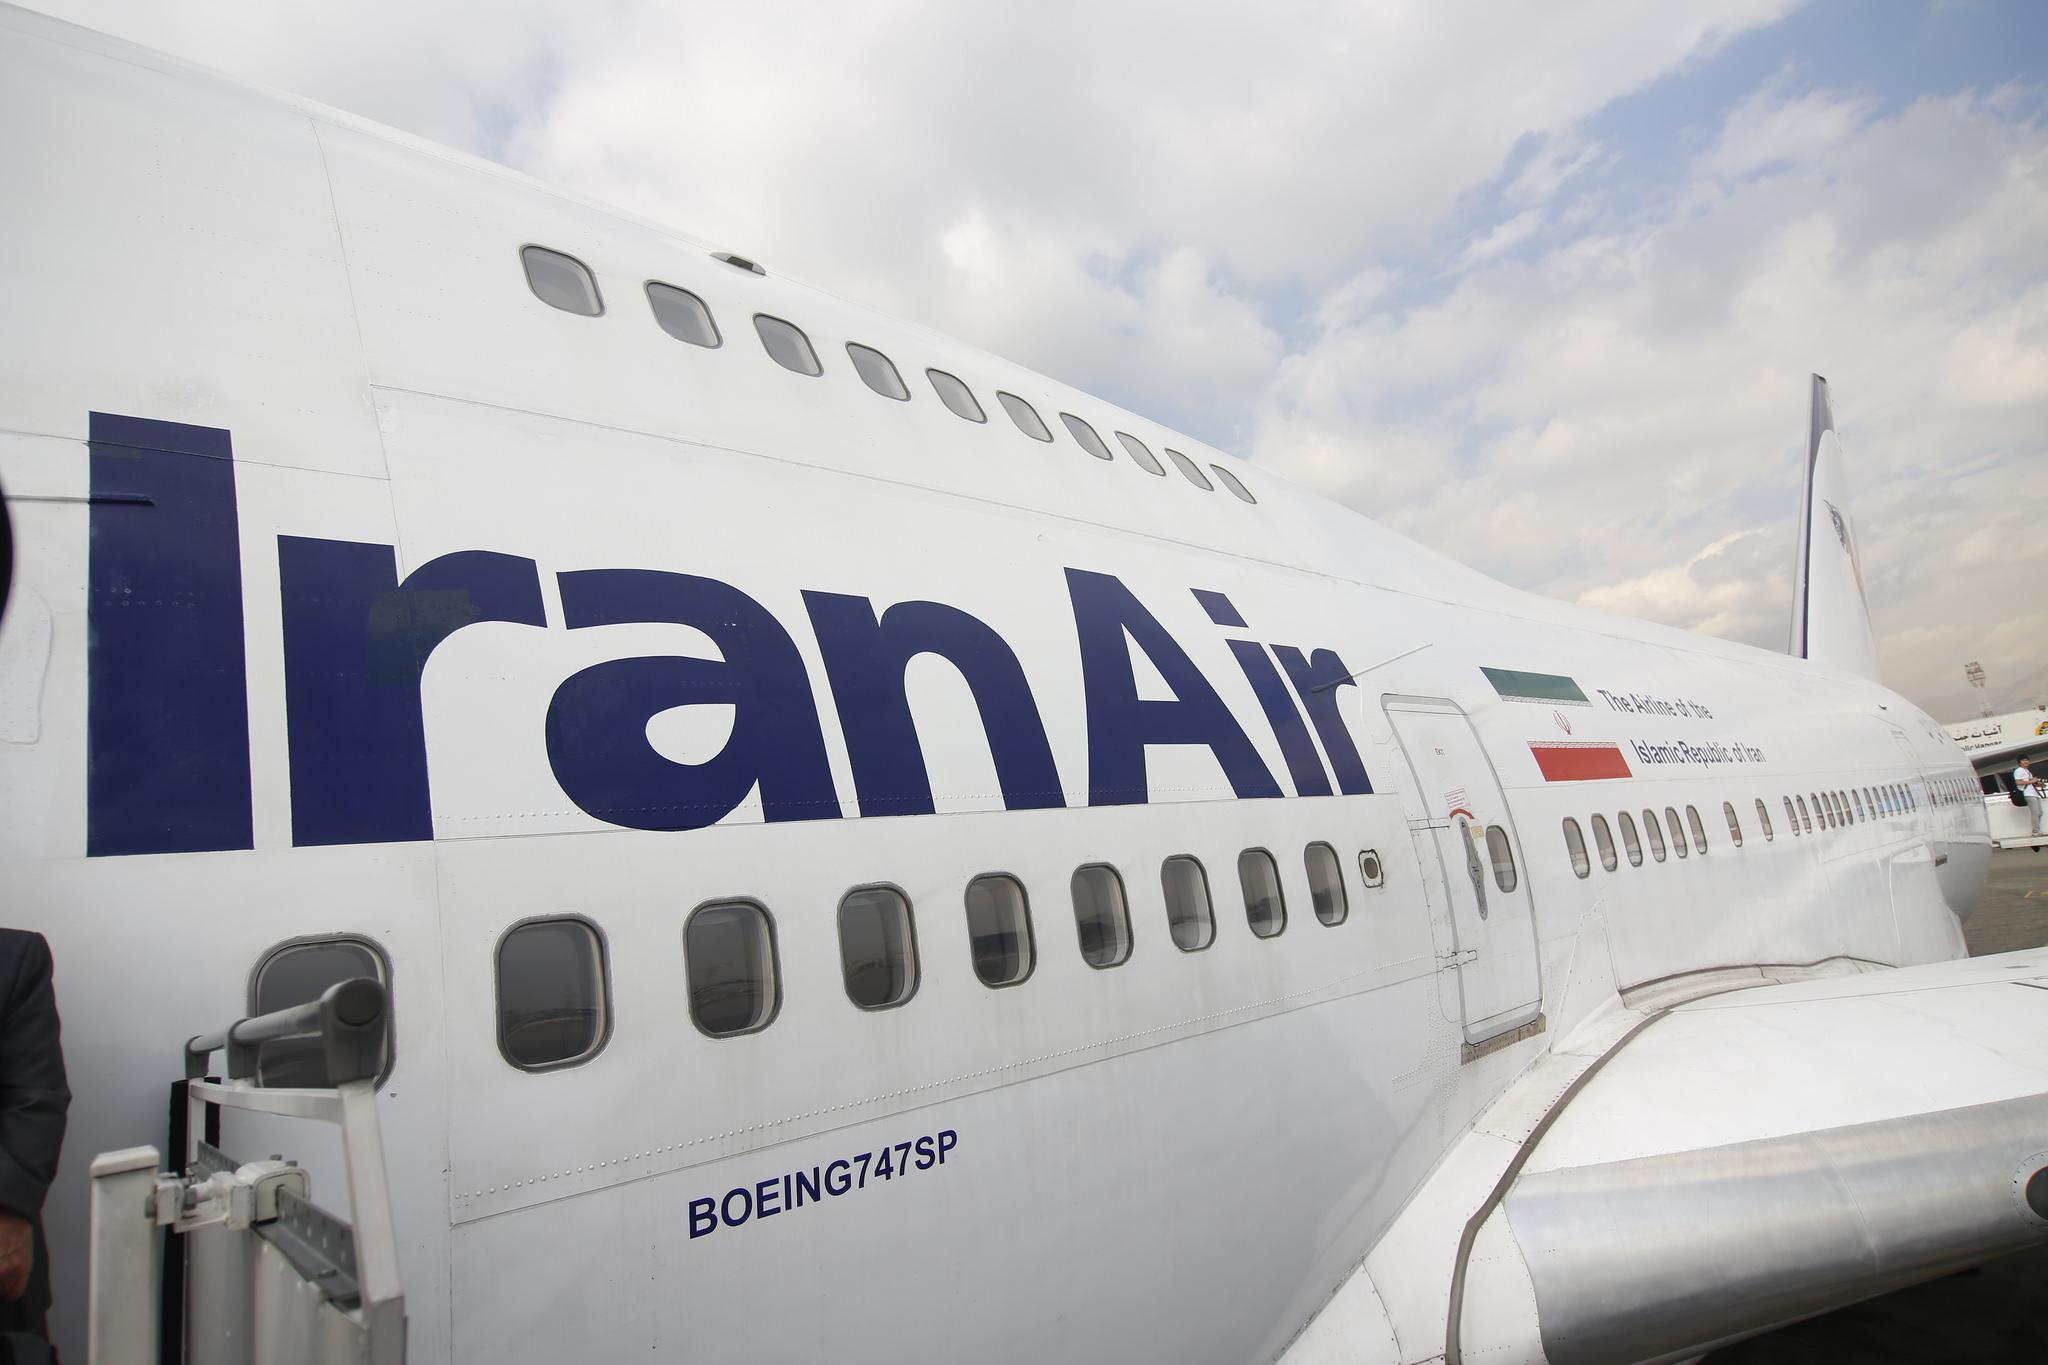 Iranair Boeing Reach Airplane Purchase Agreement Aviation24